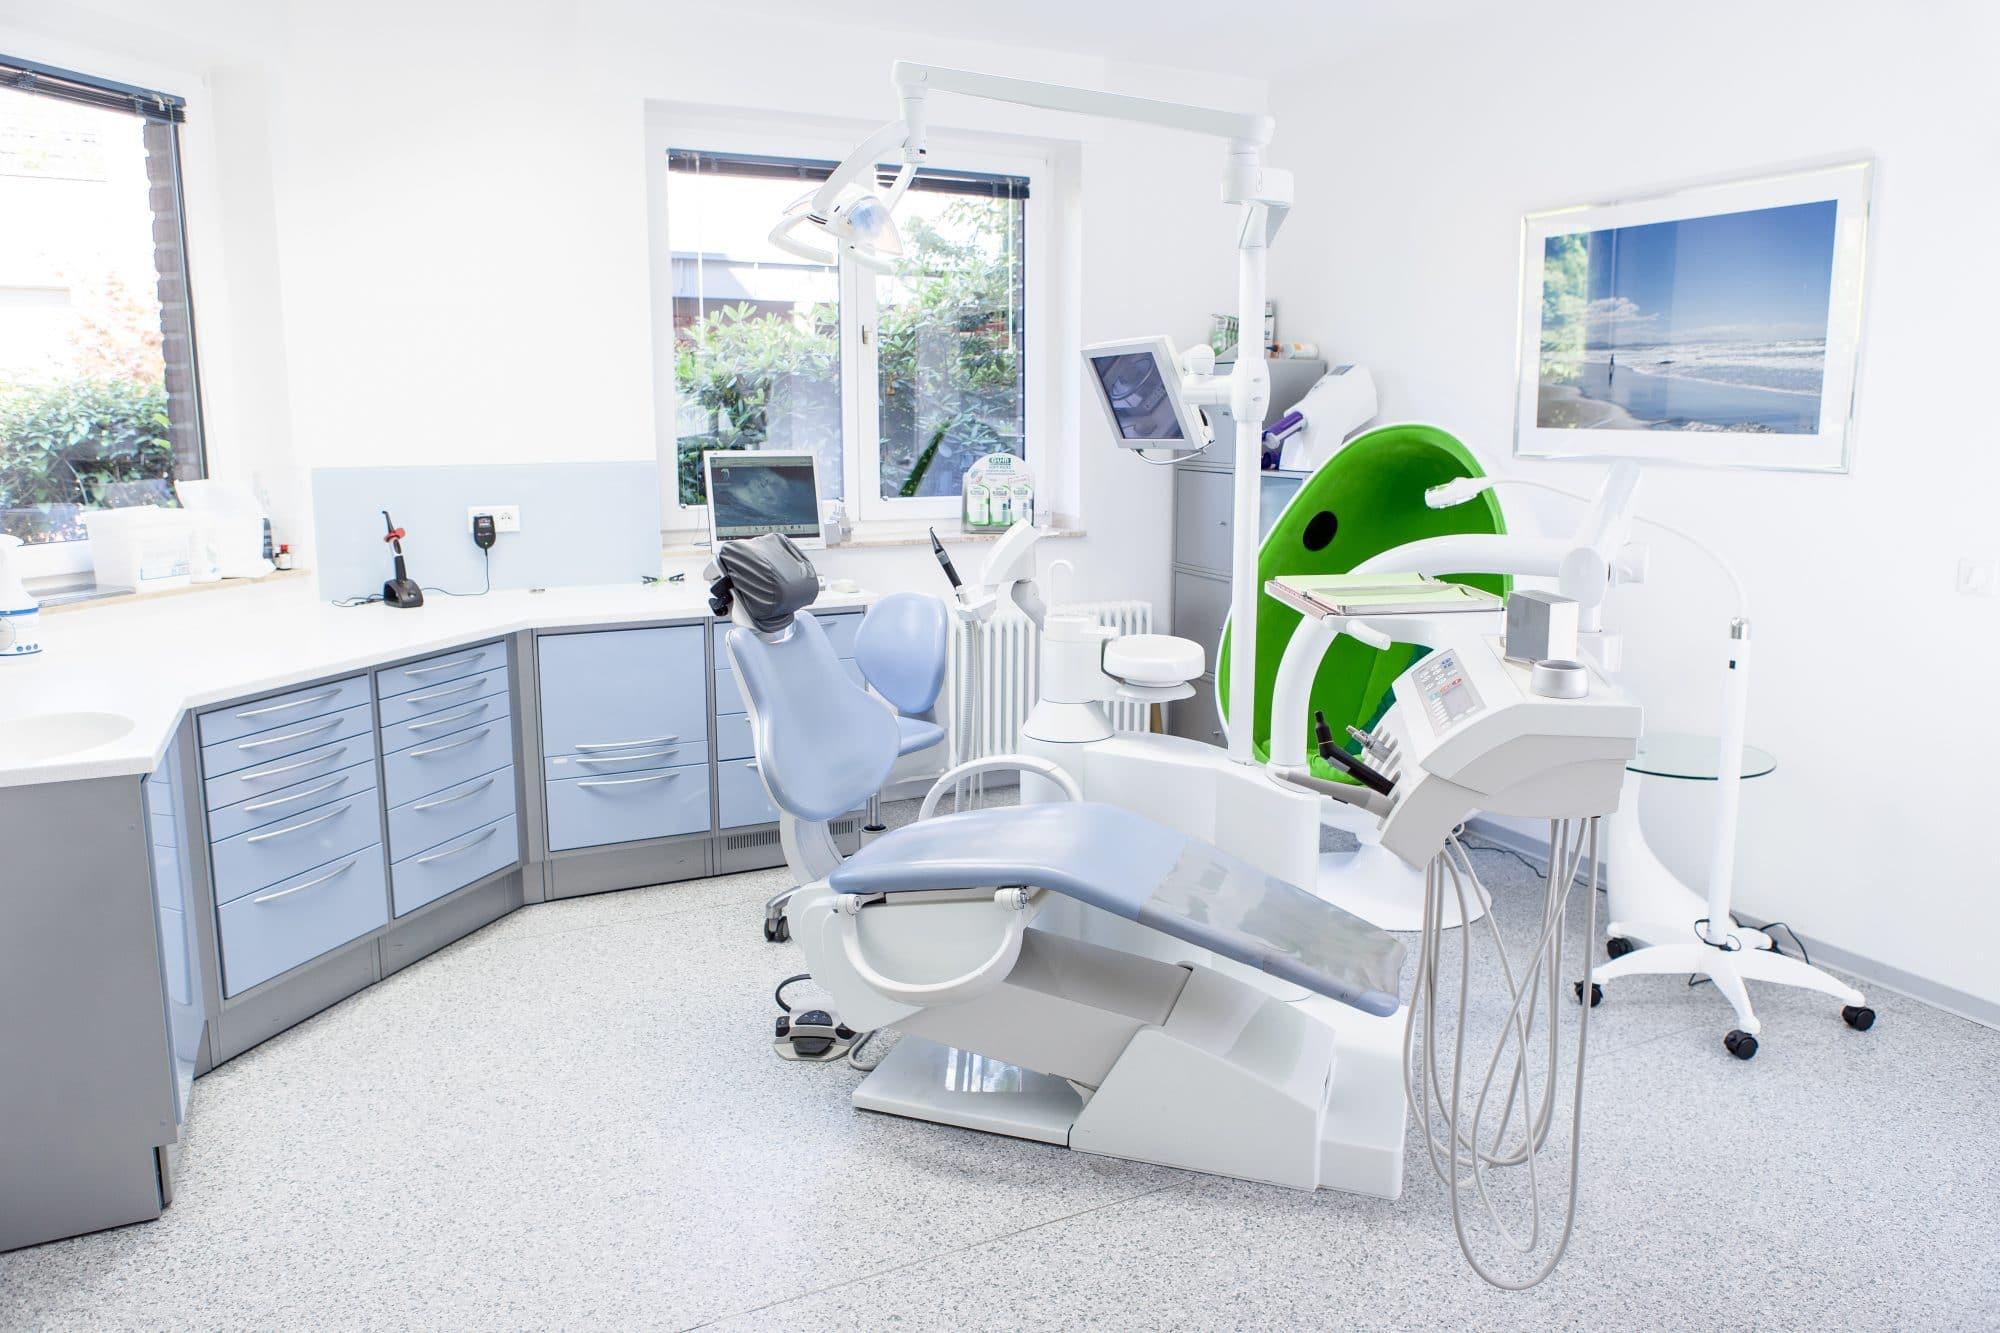 Team - Zahnarzt Kerken - Dr. Jakobi und Lambrecht